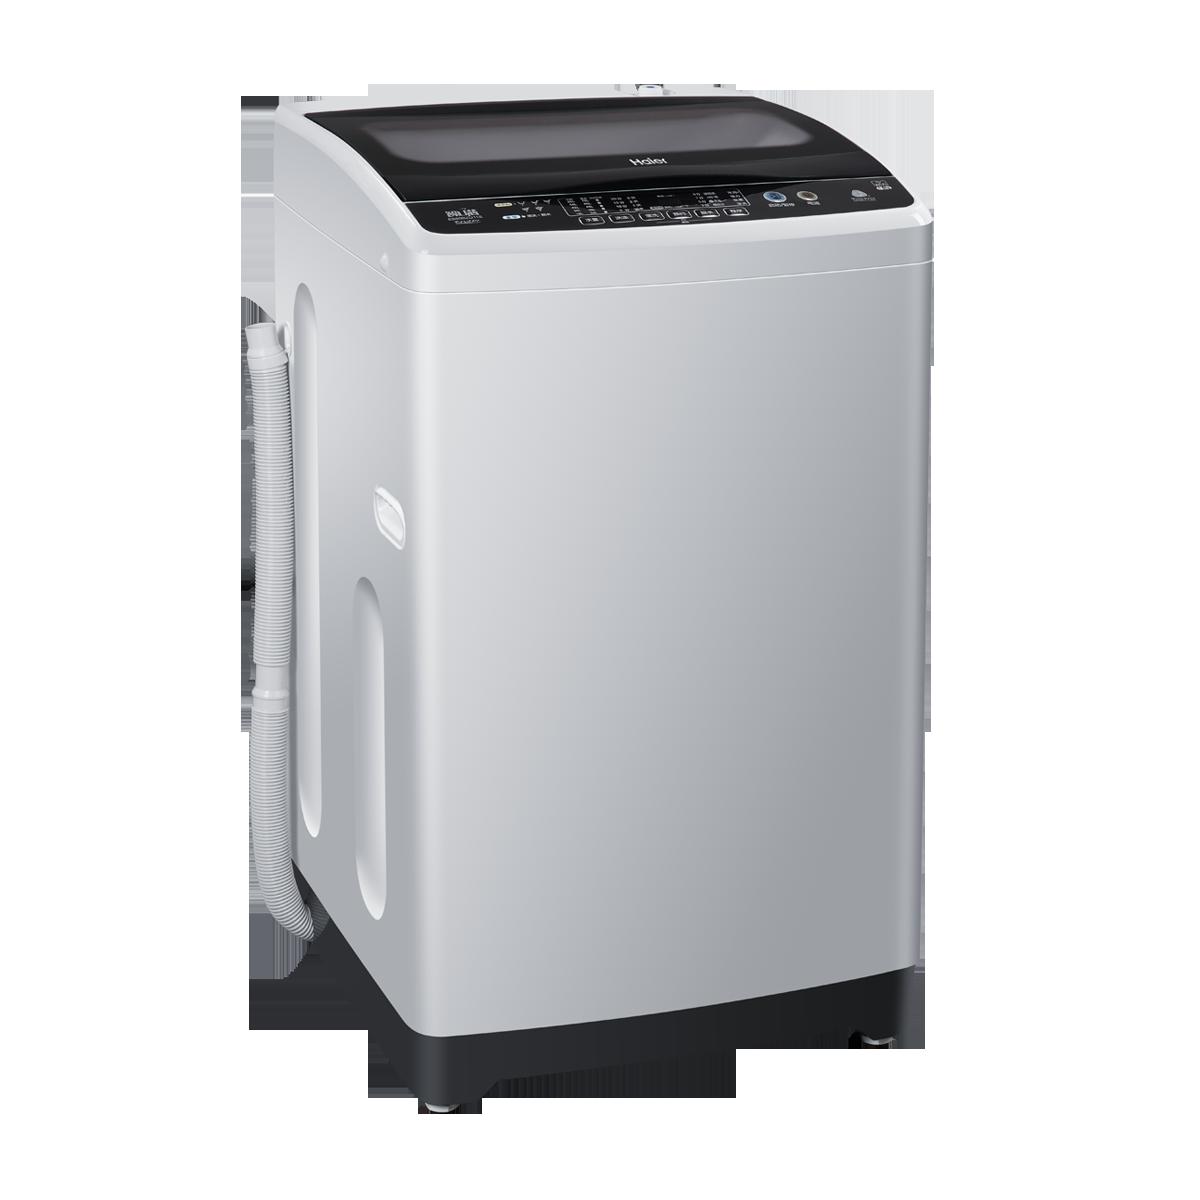 haier/海尔 eb80bzu11s变频洗衣机波轮八公斤全自动节能静音wifi